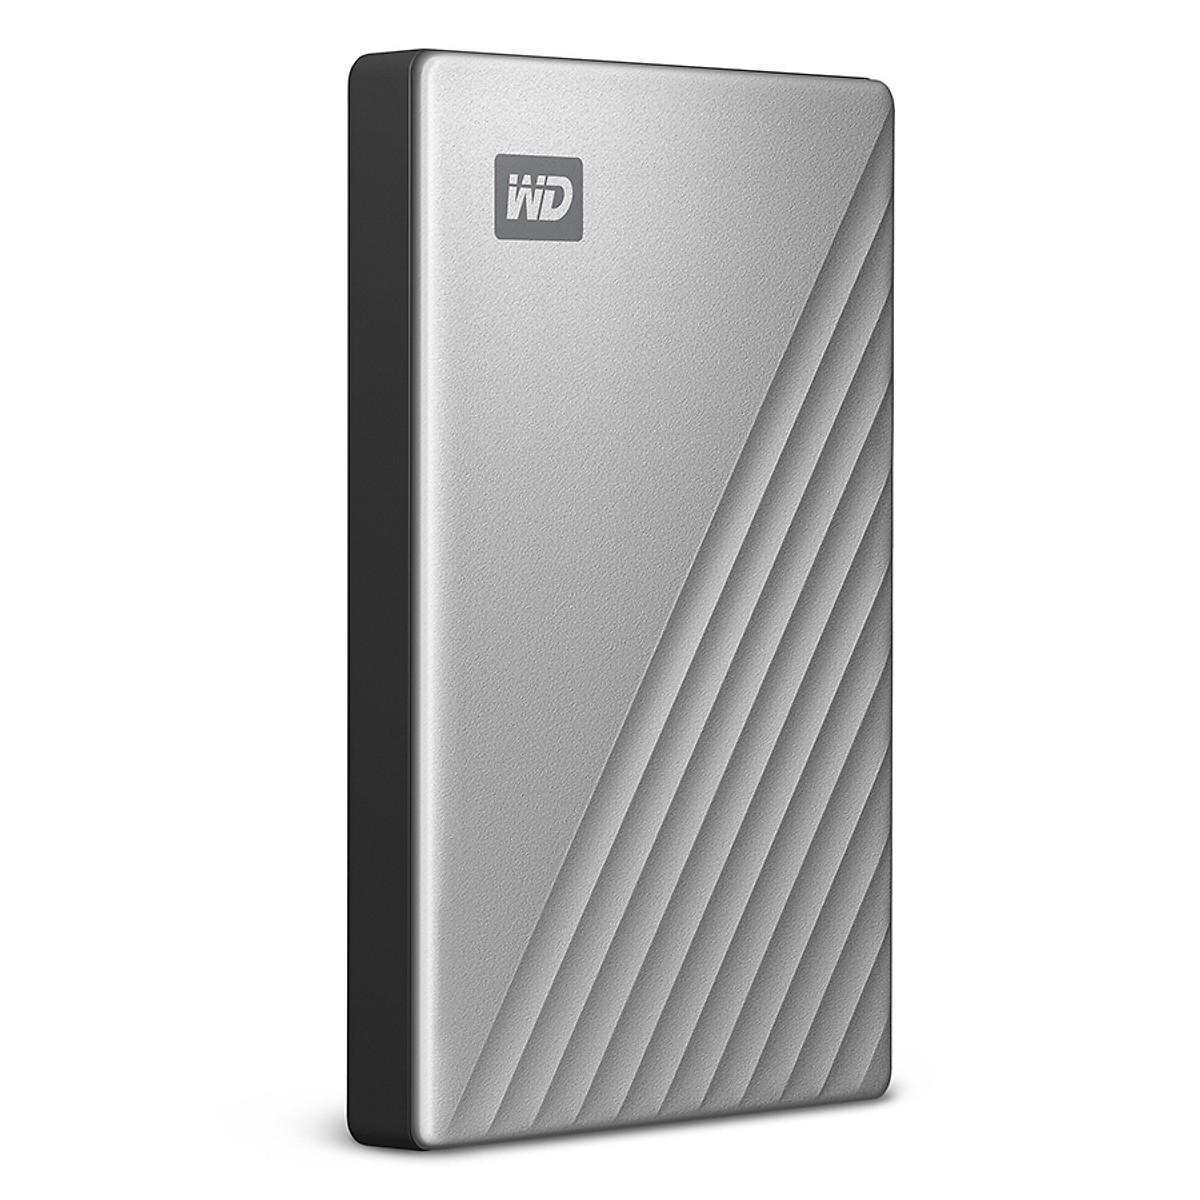 Ổ Cứng Di Động WD My Passport Ultra 4TB USB Type C - Màu Bạc - Box Tiếng Anh -  Hàng Nhập Khẩu